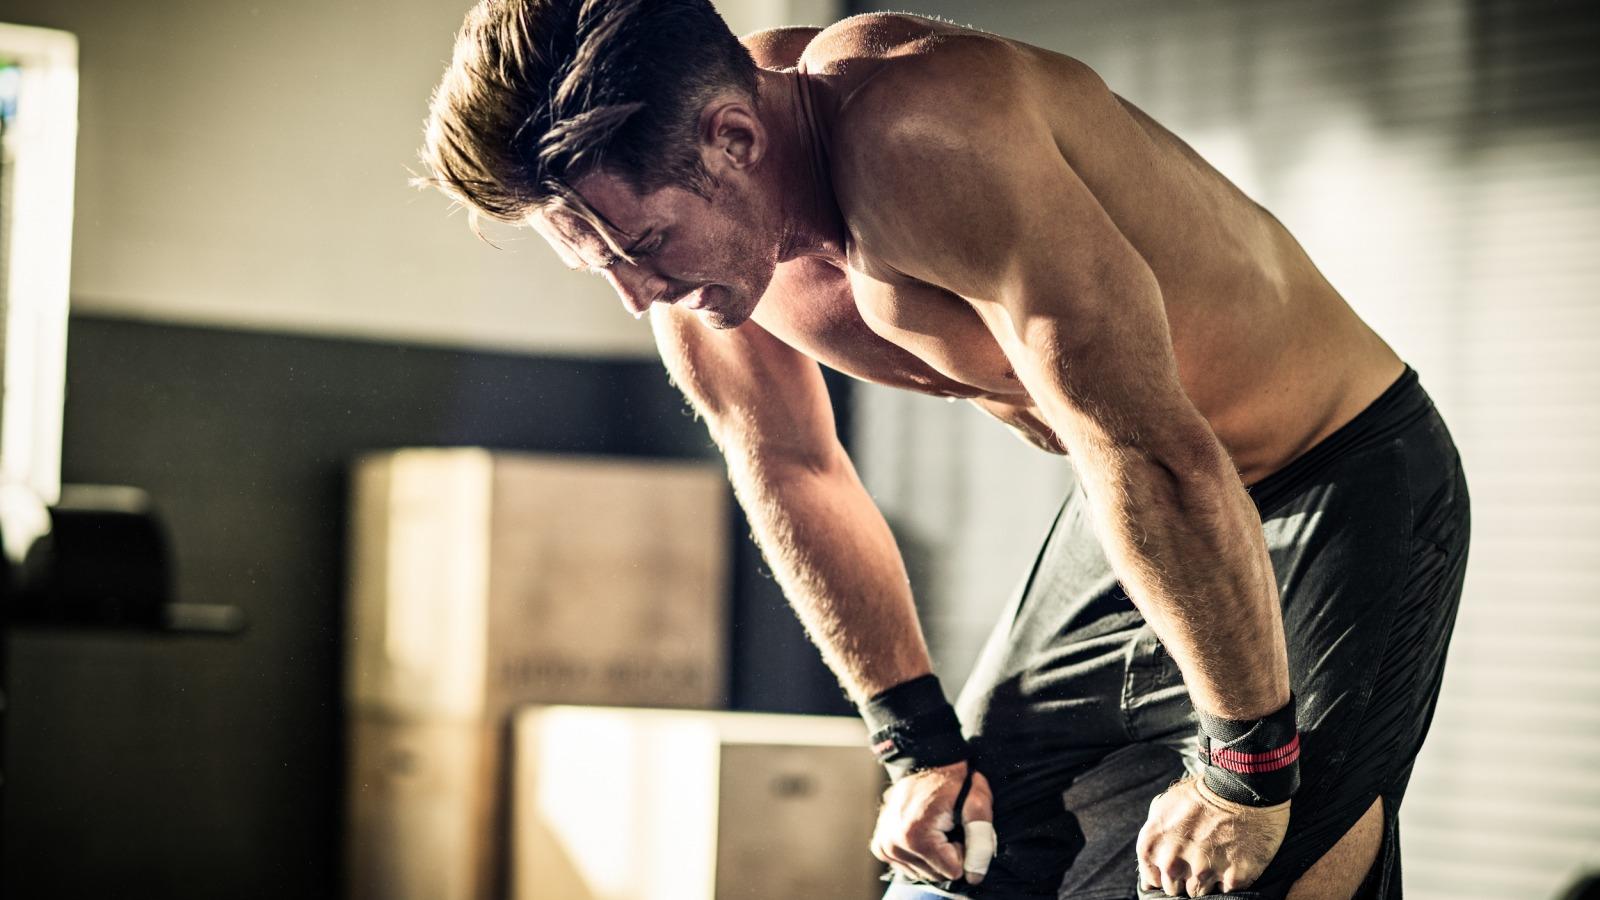 Тренировки до болей в мышцах